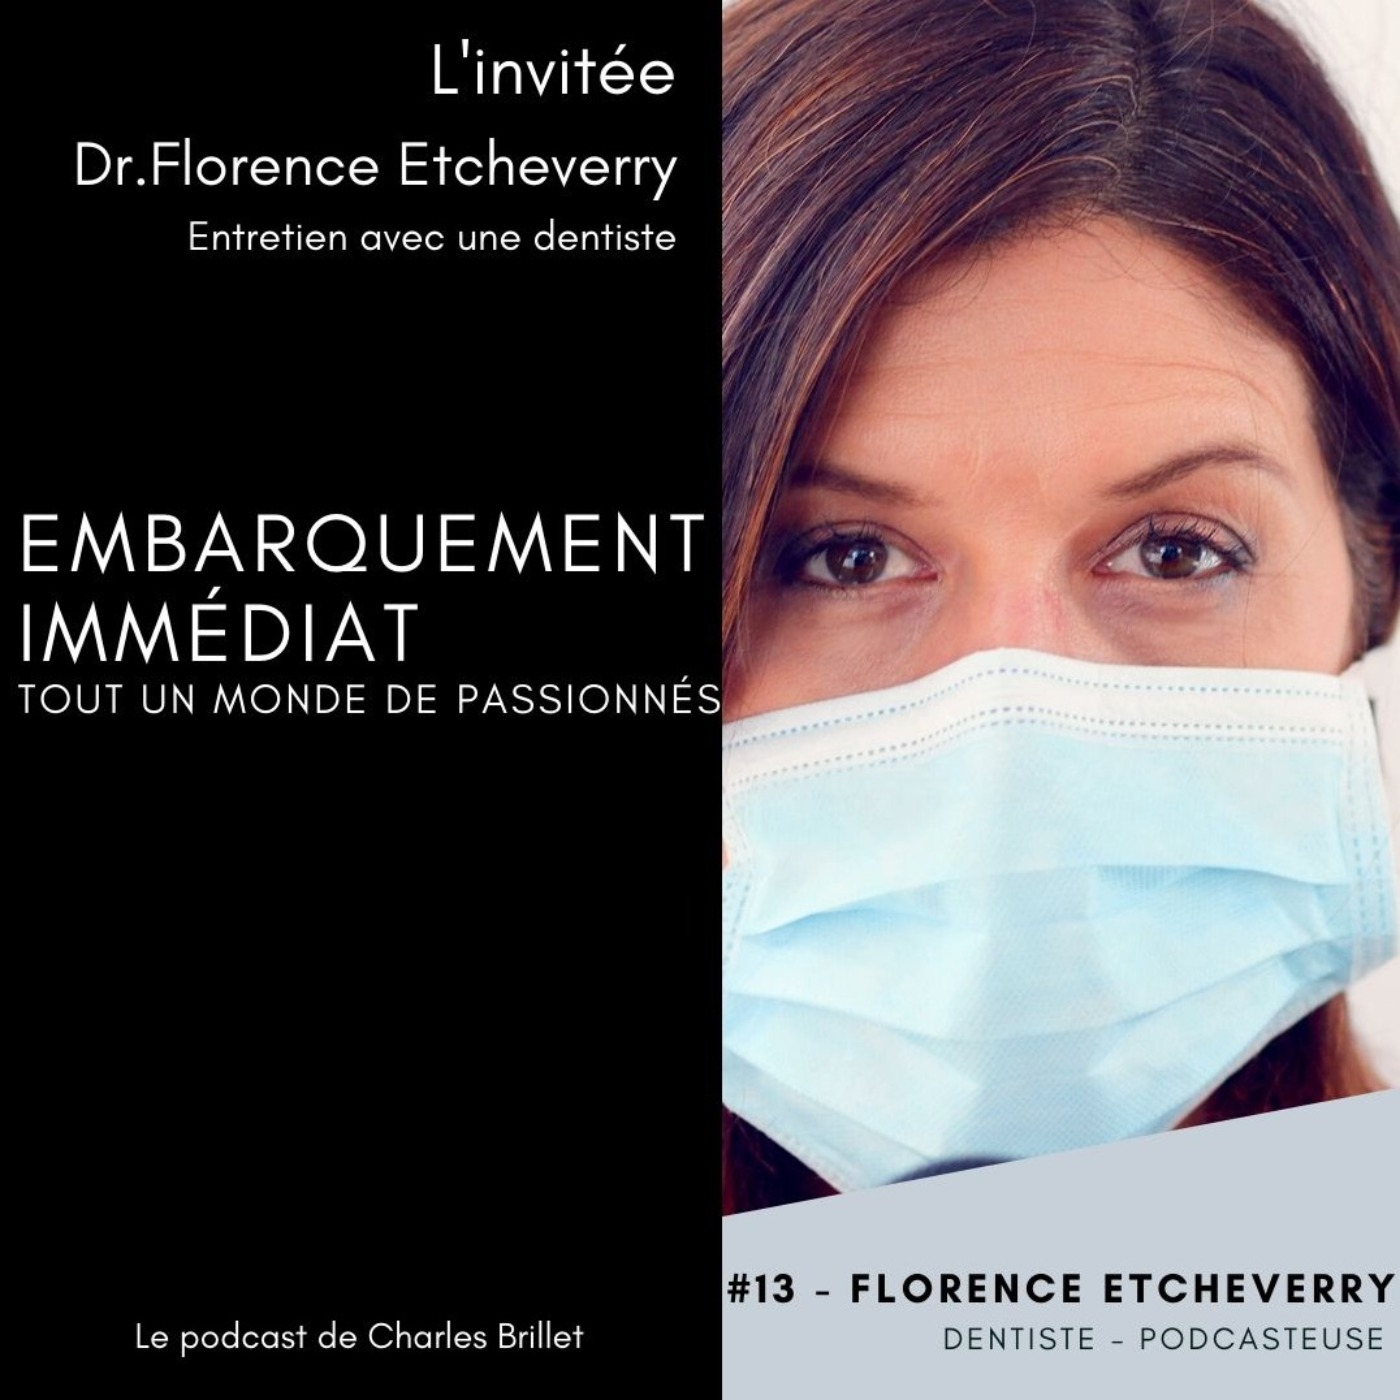 #13 HS COVID19 - Dr.Florence Etcheverry - Entretien avec une dentiste